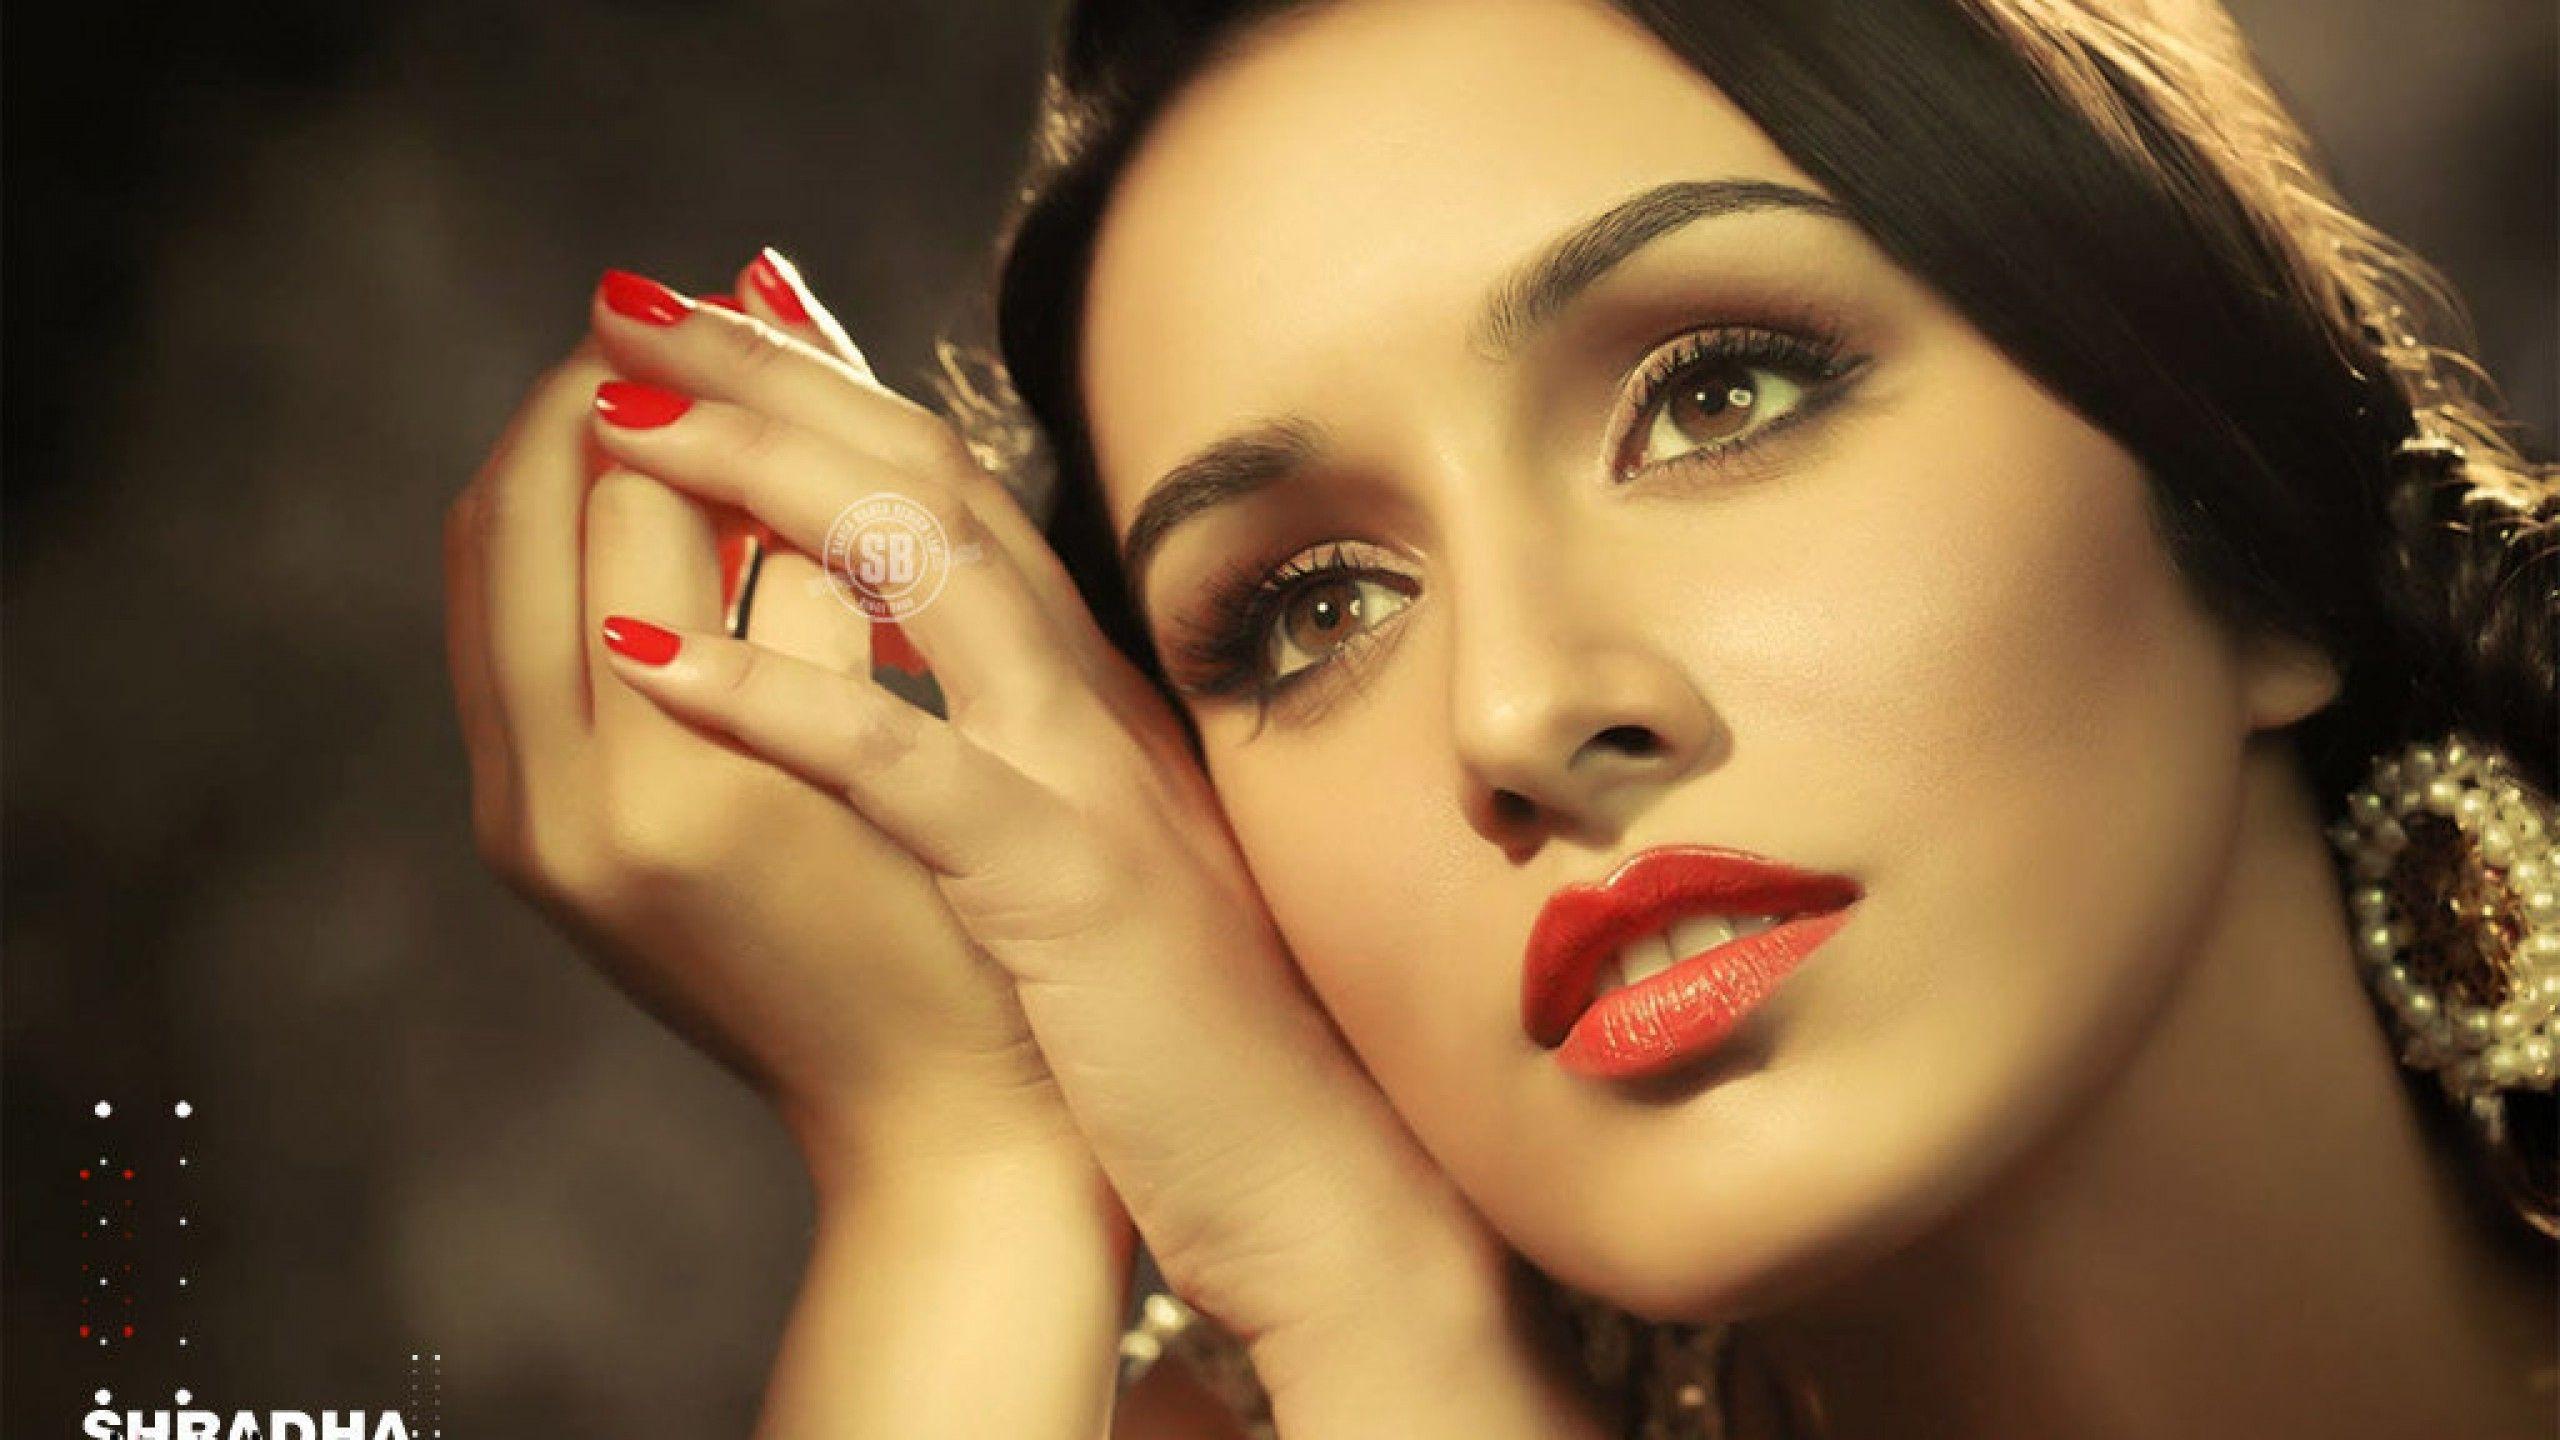 Shraddha Kapoor Beautiful New Look Hd Wallpaper 2560x1440